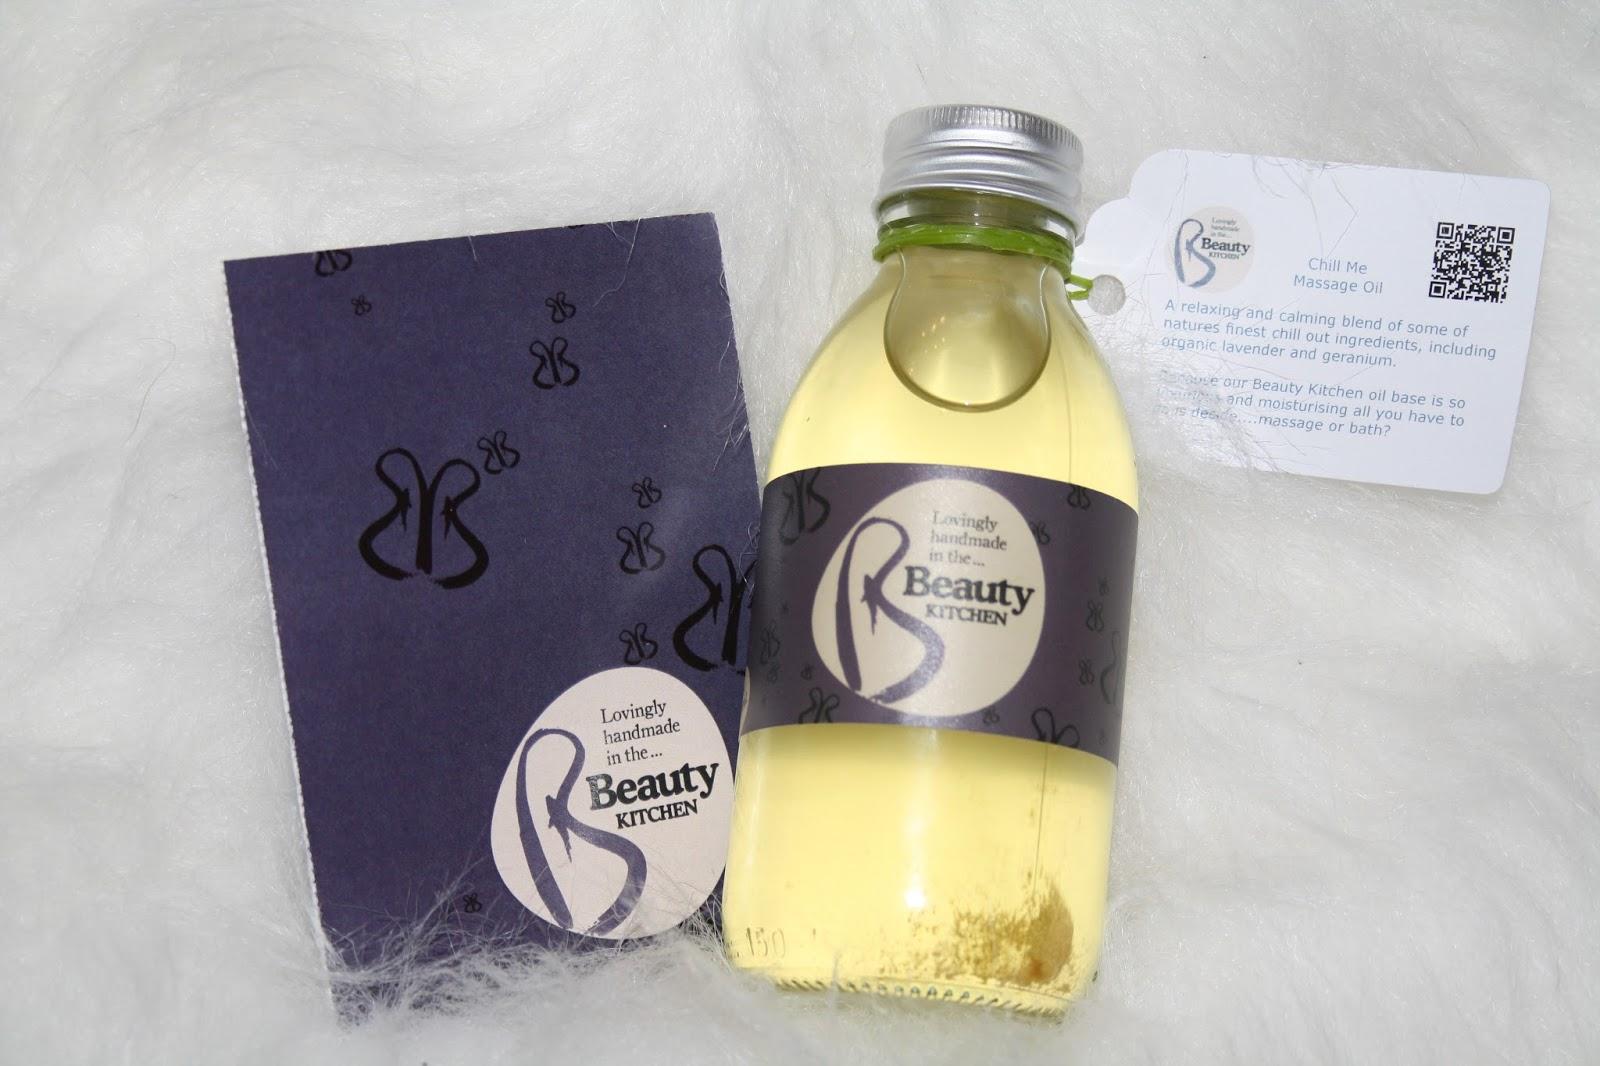 Beauty Kitchen Massage Oil